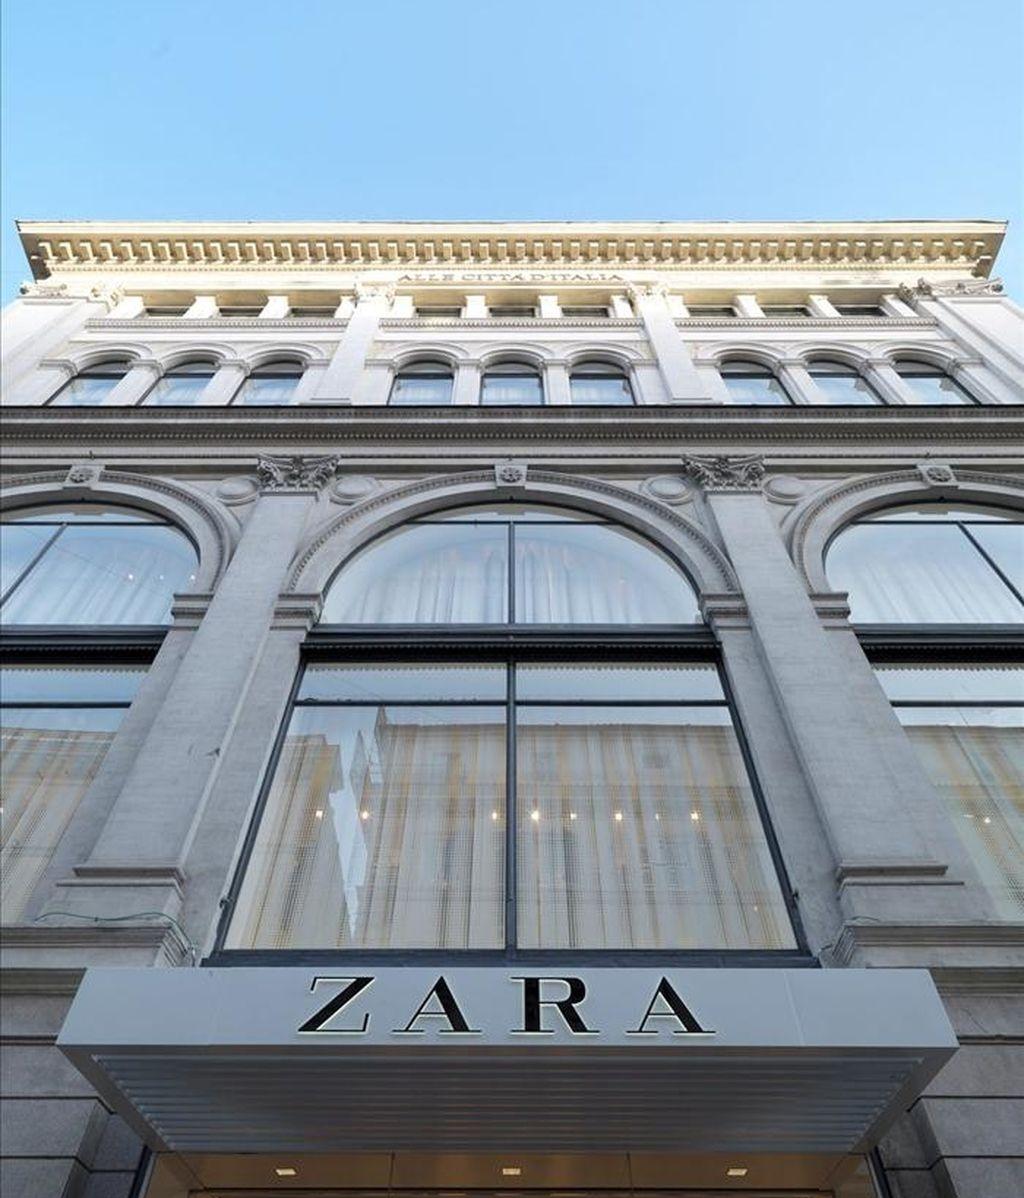 Fotografía facilitada por Inditex que muestra una tienda de Zara. EFE/Archivo